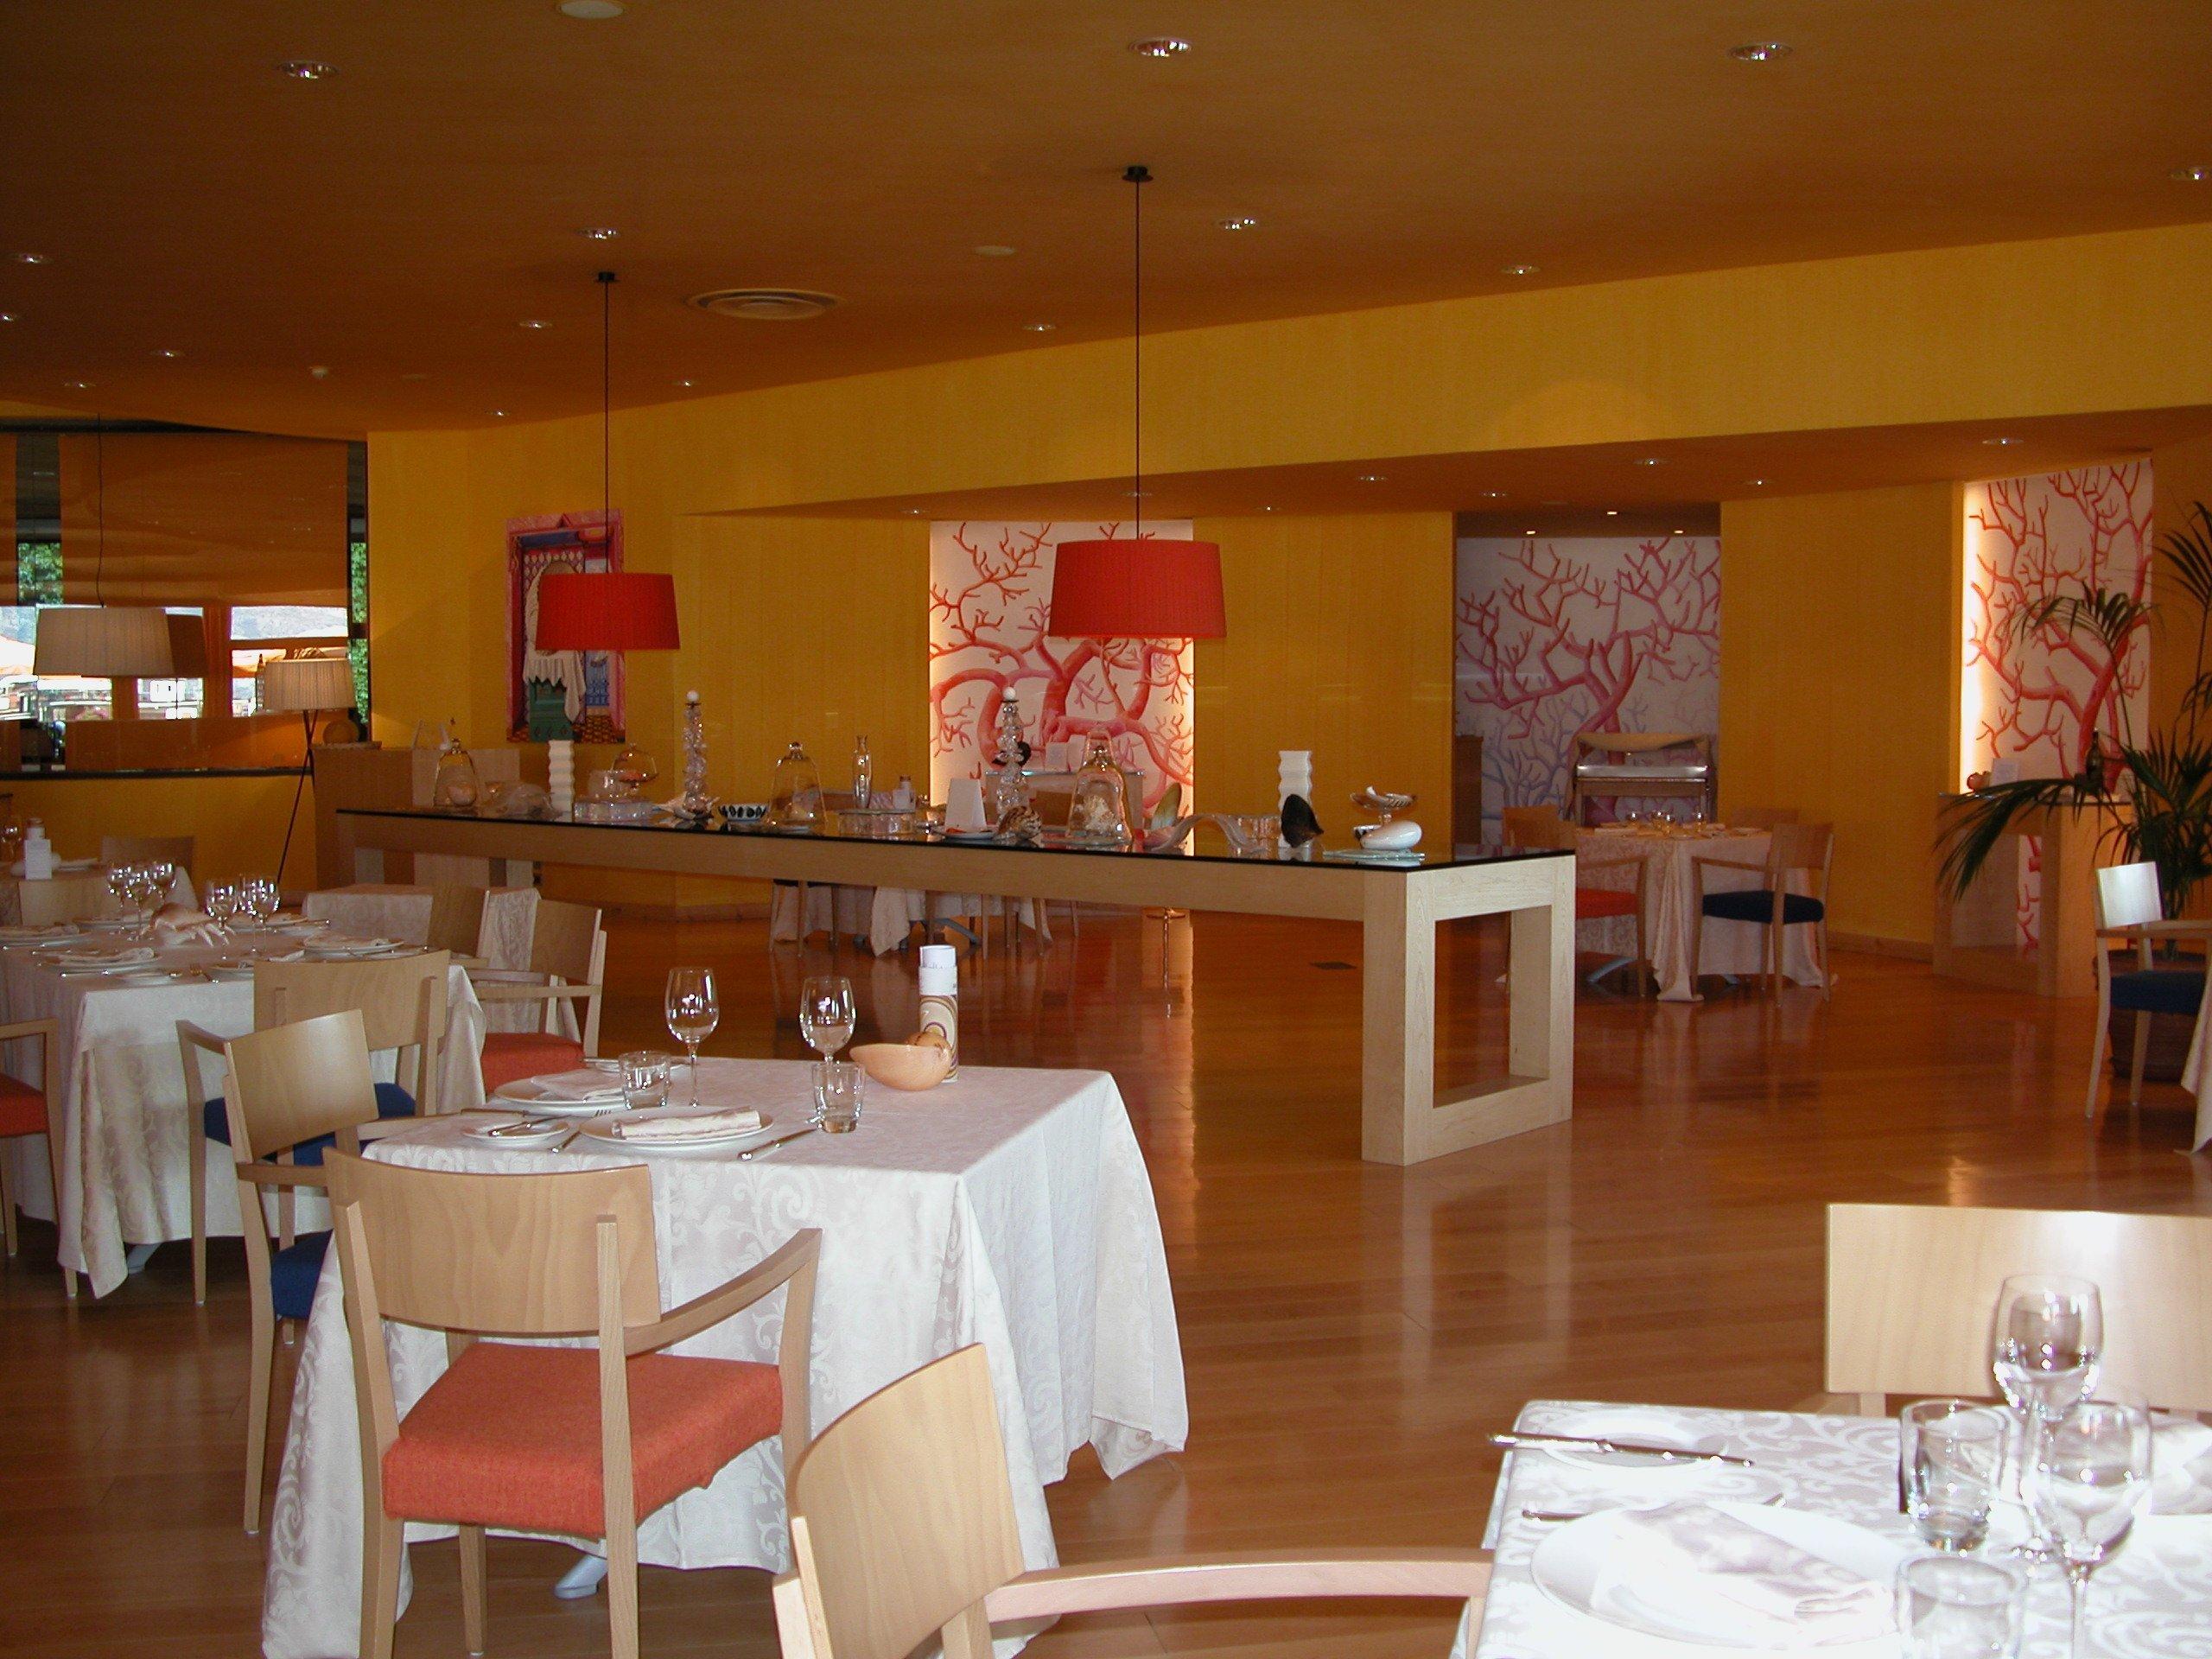 Interno di un ristorante d'hotel con tavole apparecchiate